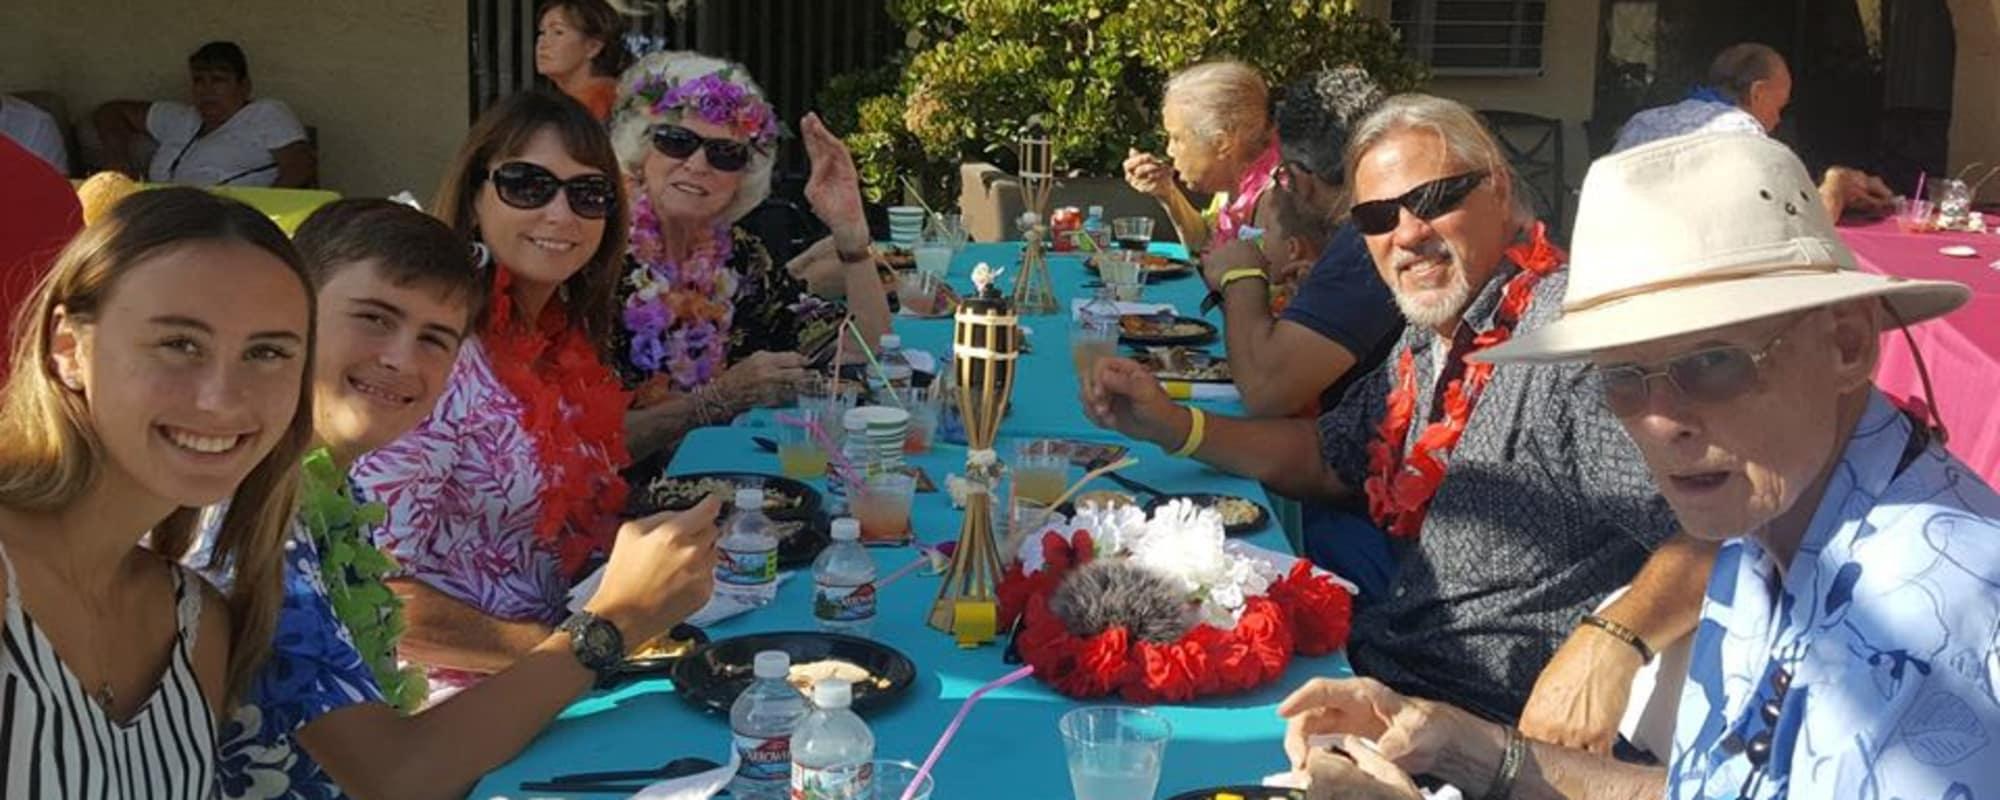 Parties at Huntington Terrace in Huntington Beach, California